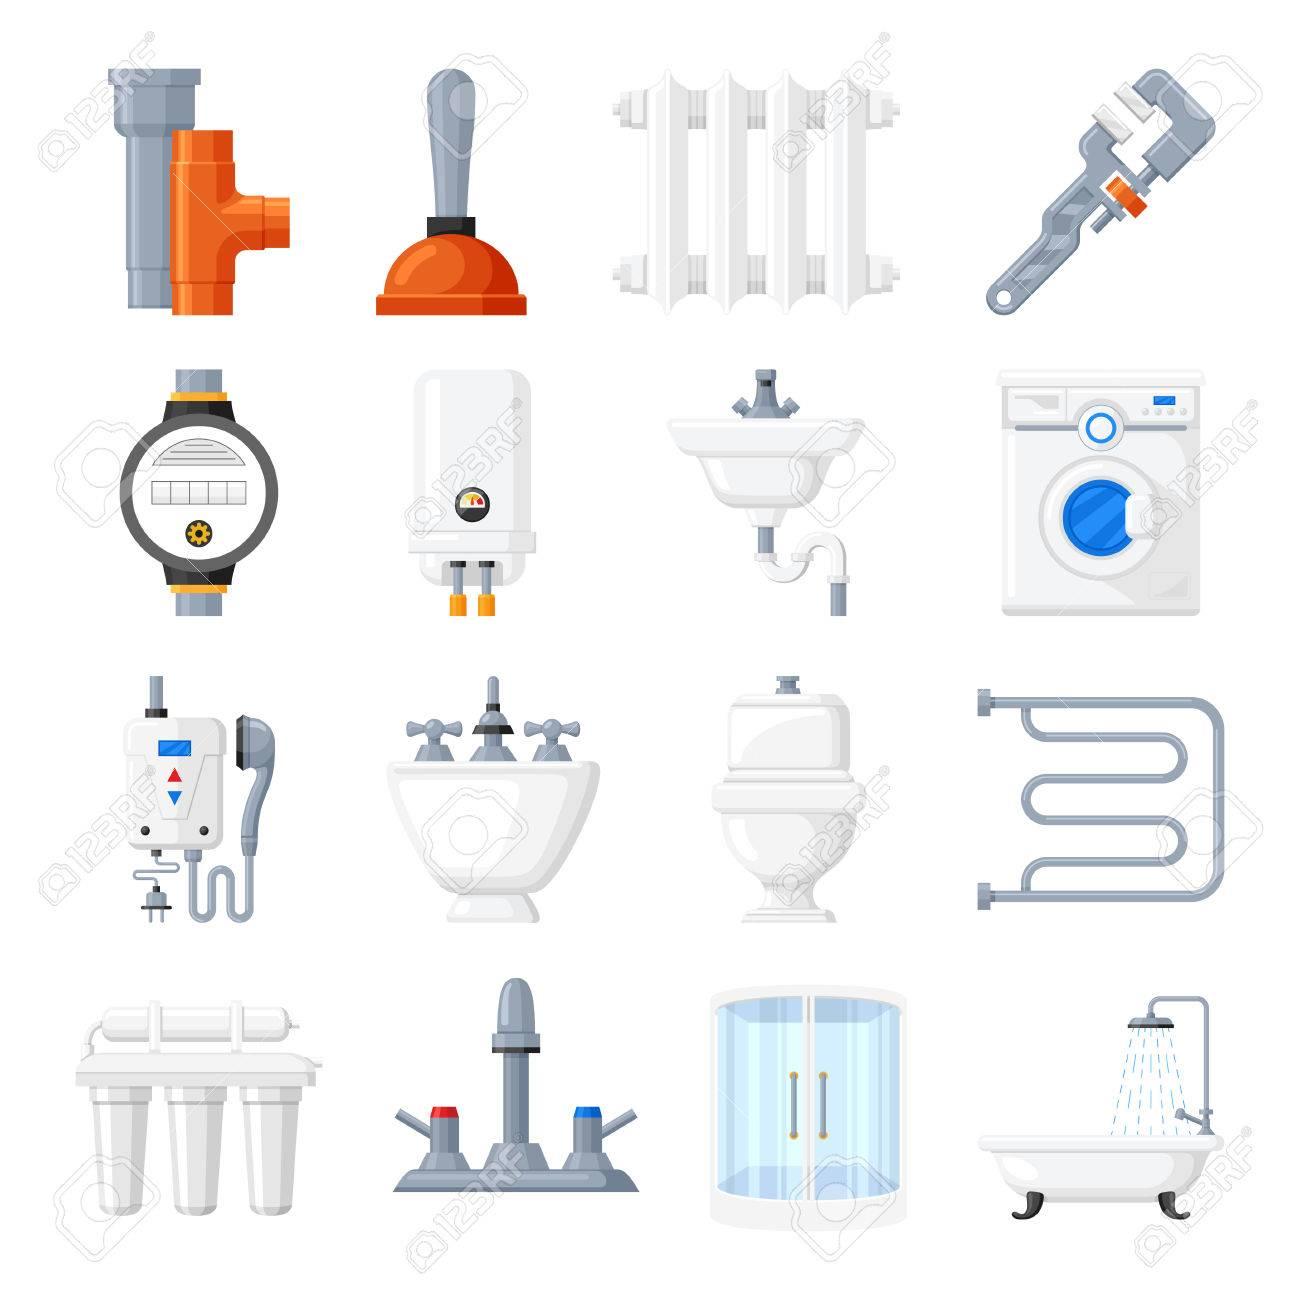 Un Toilette Ou Une Toilette matériel de plomberie et outils d'icônes vectorielles. plomberie pour un  bain, une toilette ou une cuisine sur fond blanc. chauffage électrique à